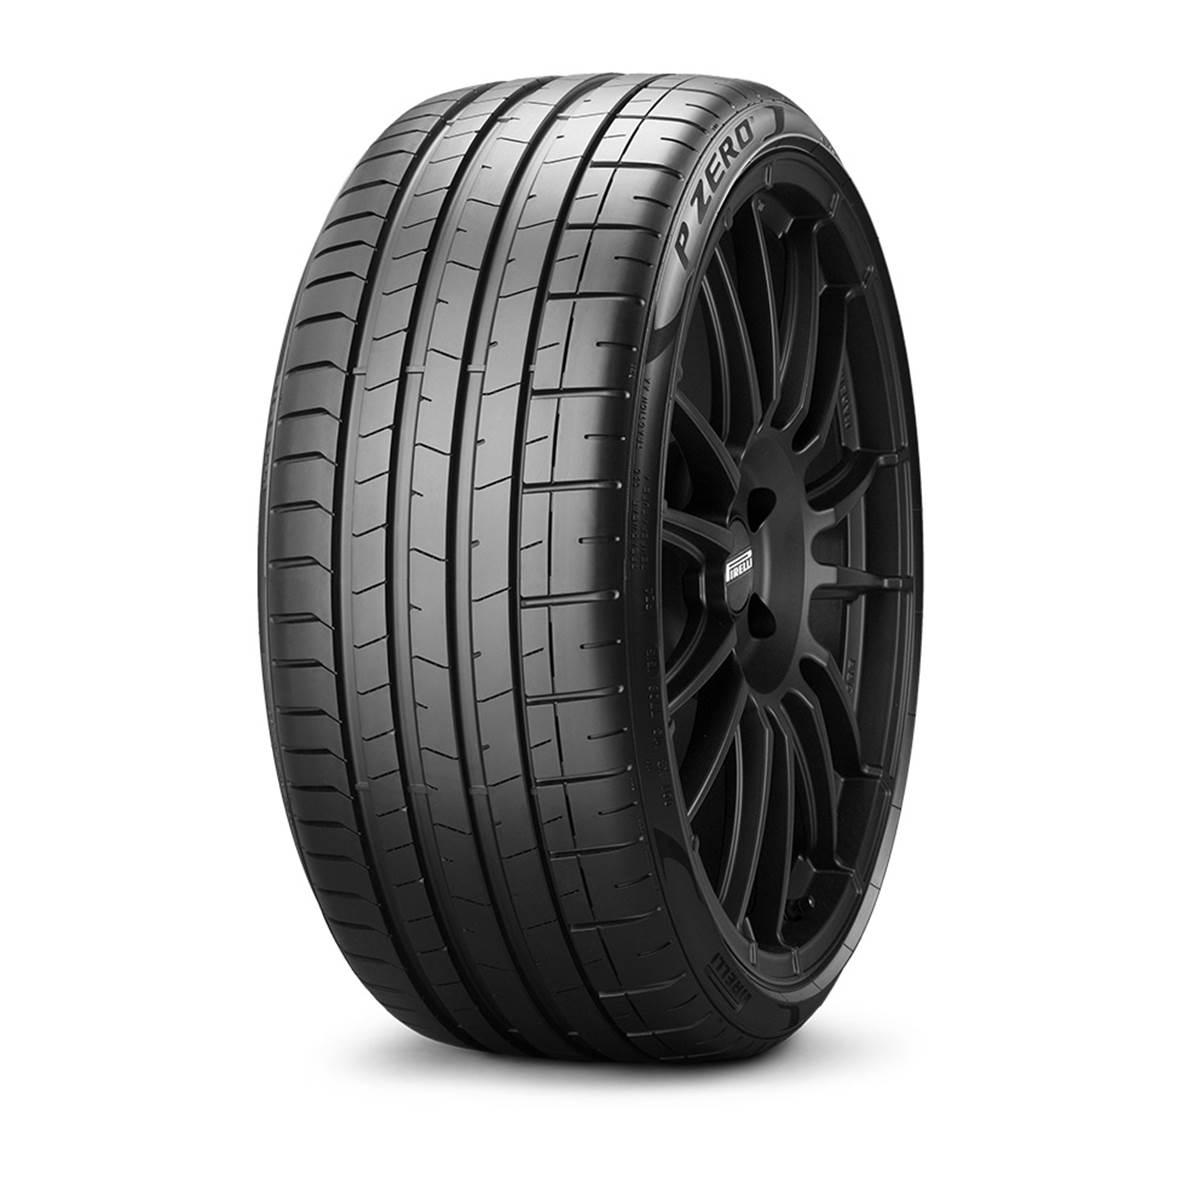 Pneu Runflat Pirelli 275/35R18 95Y Pzero